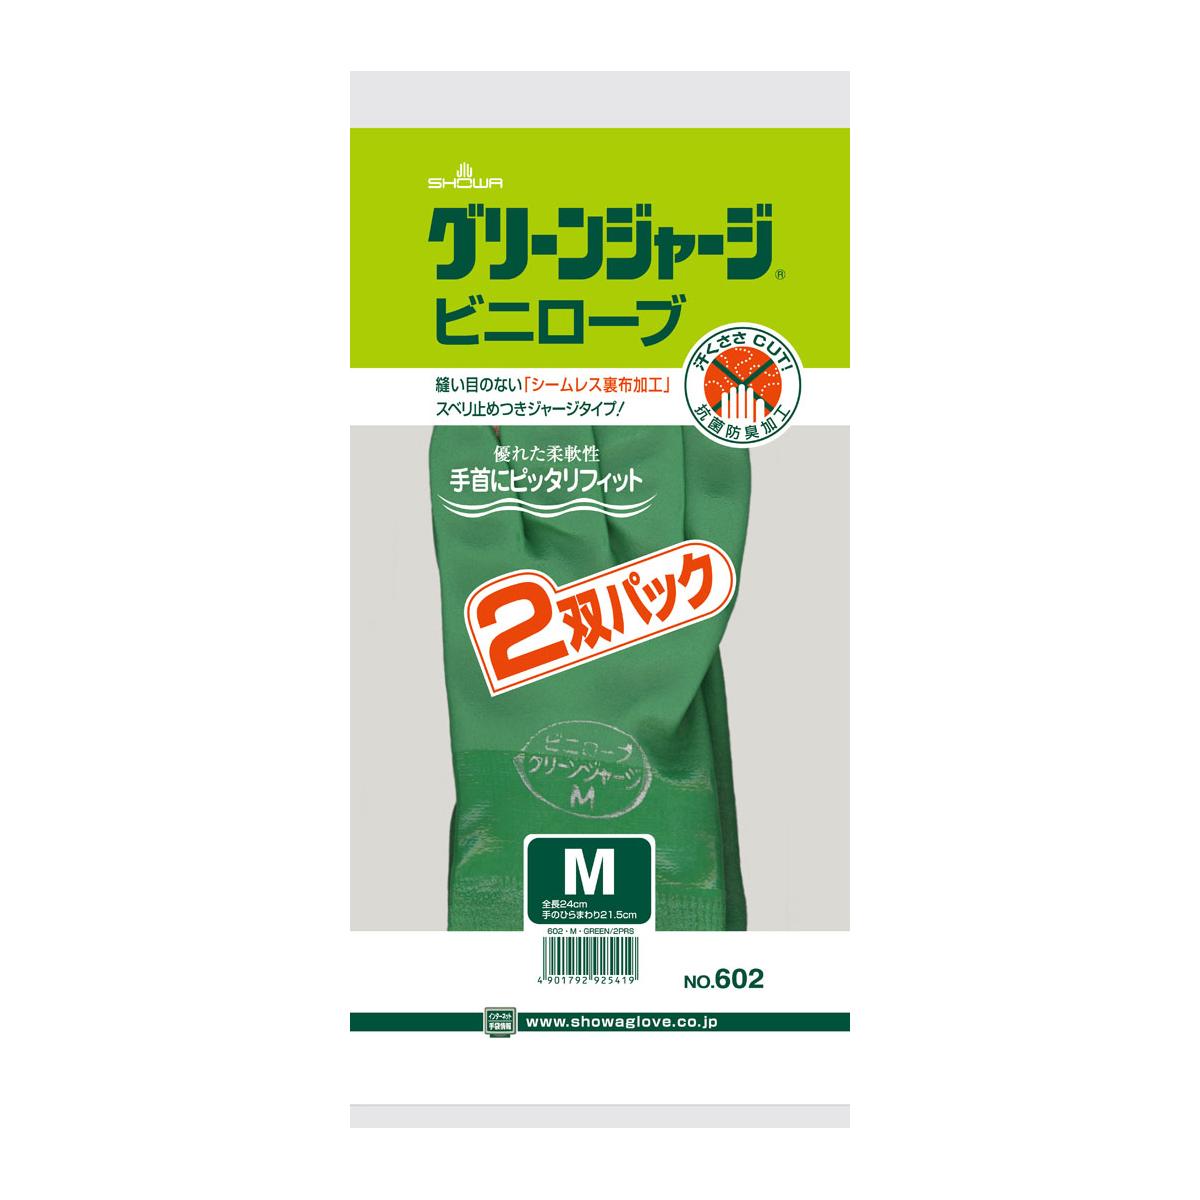 【送料無料】 ショーワ SHOWA #602 グリーンジャージ 2双 M×120個セット (4901792925419)